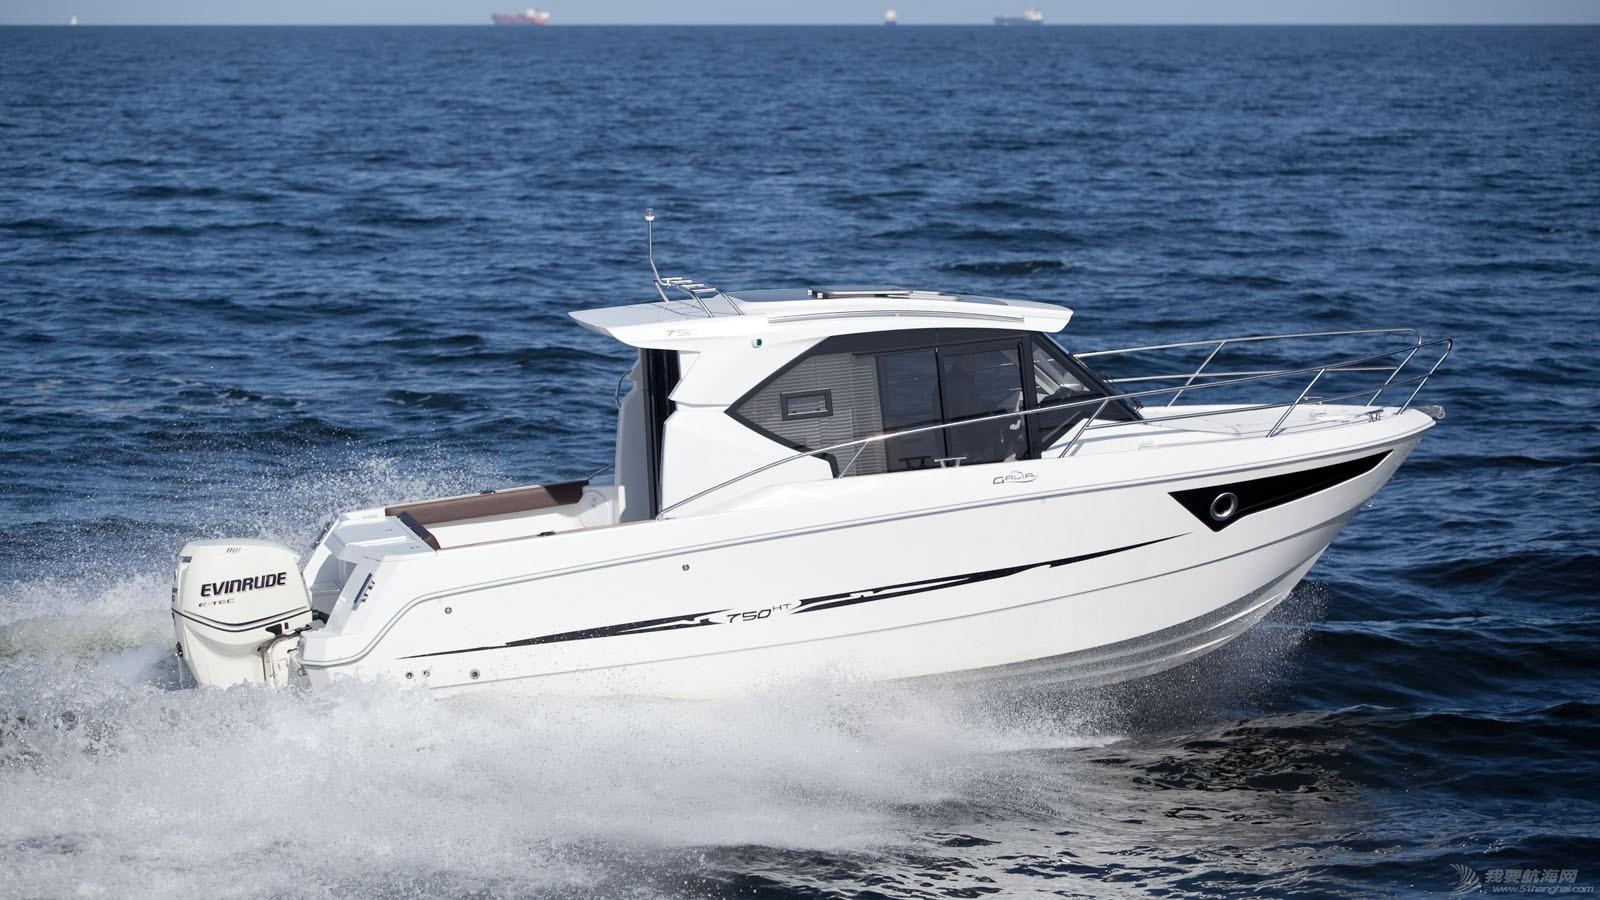 进口 波兰进口Galia 750 Hardtop硬顶钓鱼艇出售 _MG_4204wide